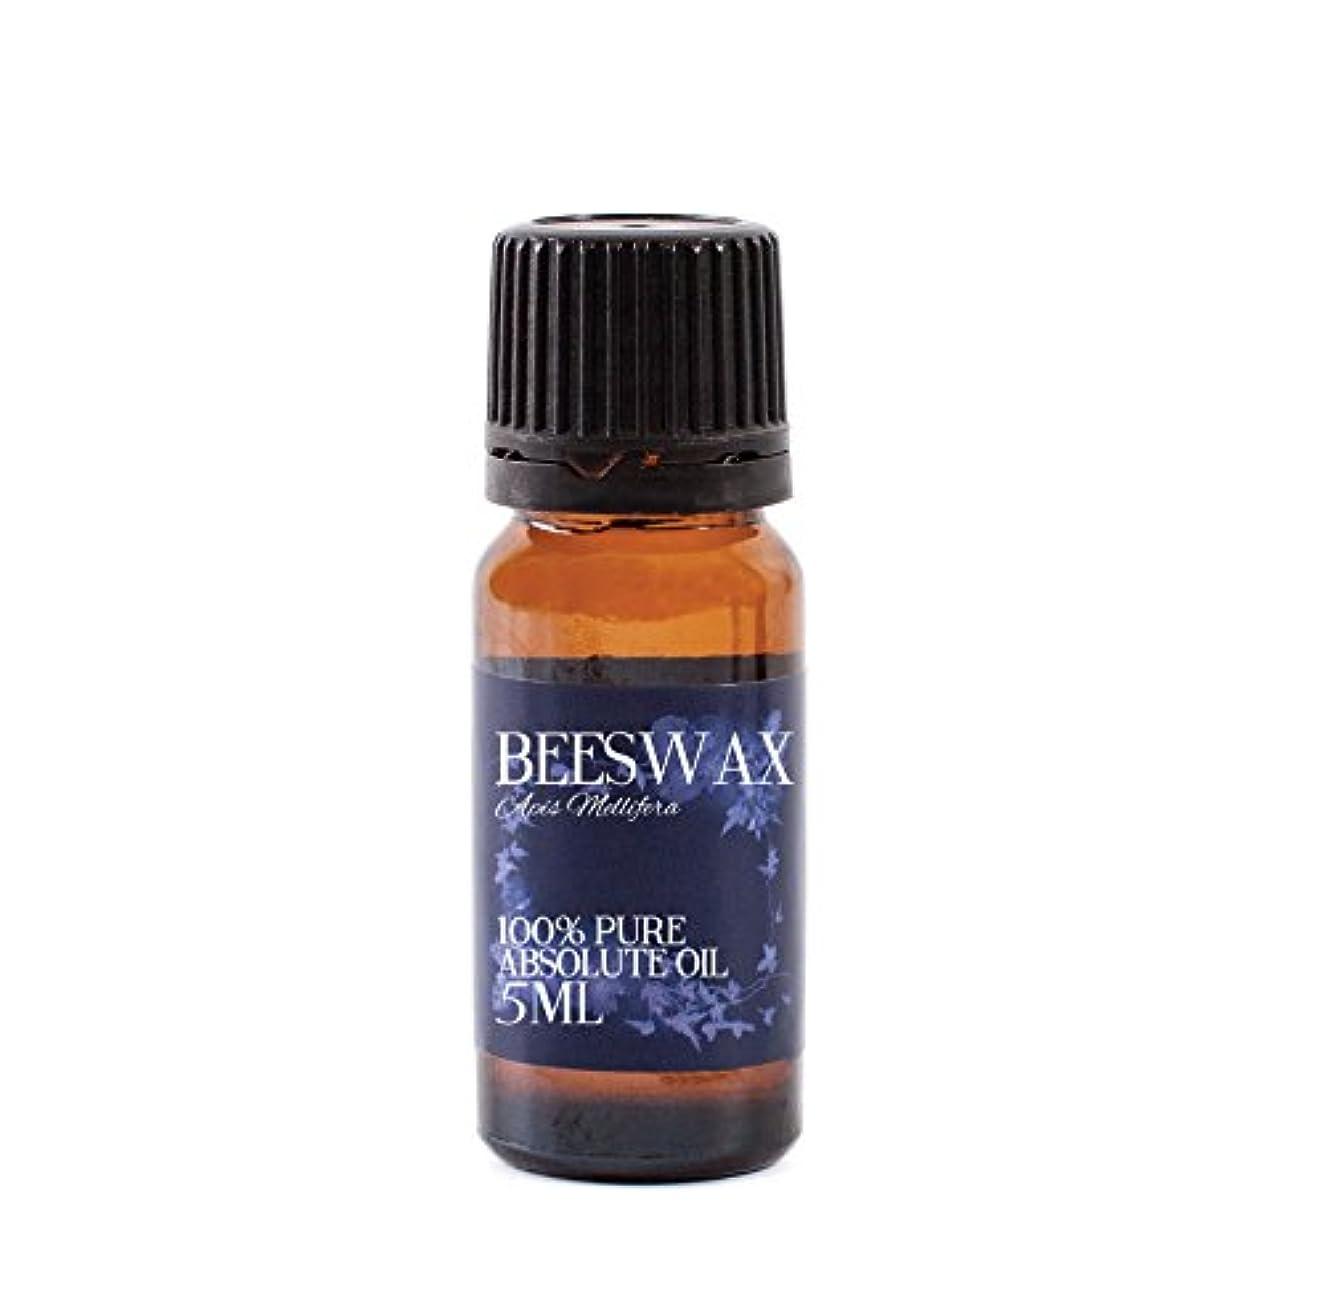 素敵な剥離最もBeeswax Absolute Oil 5ml - 100% Pure